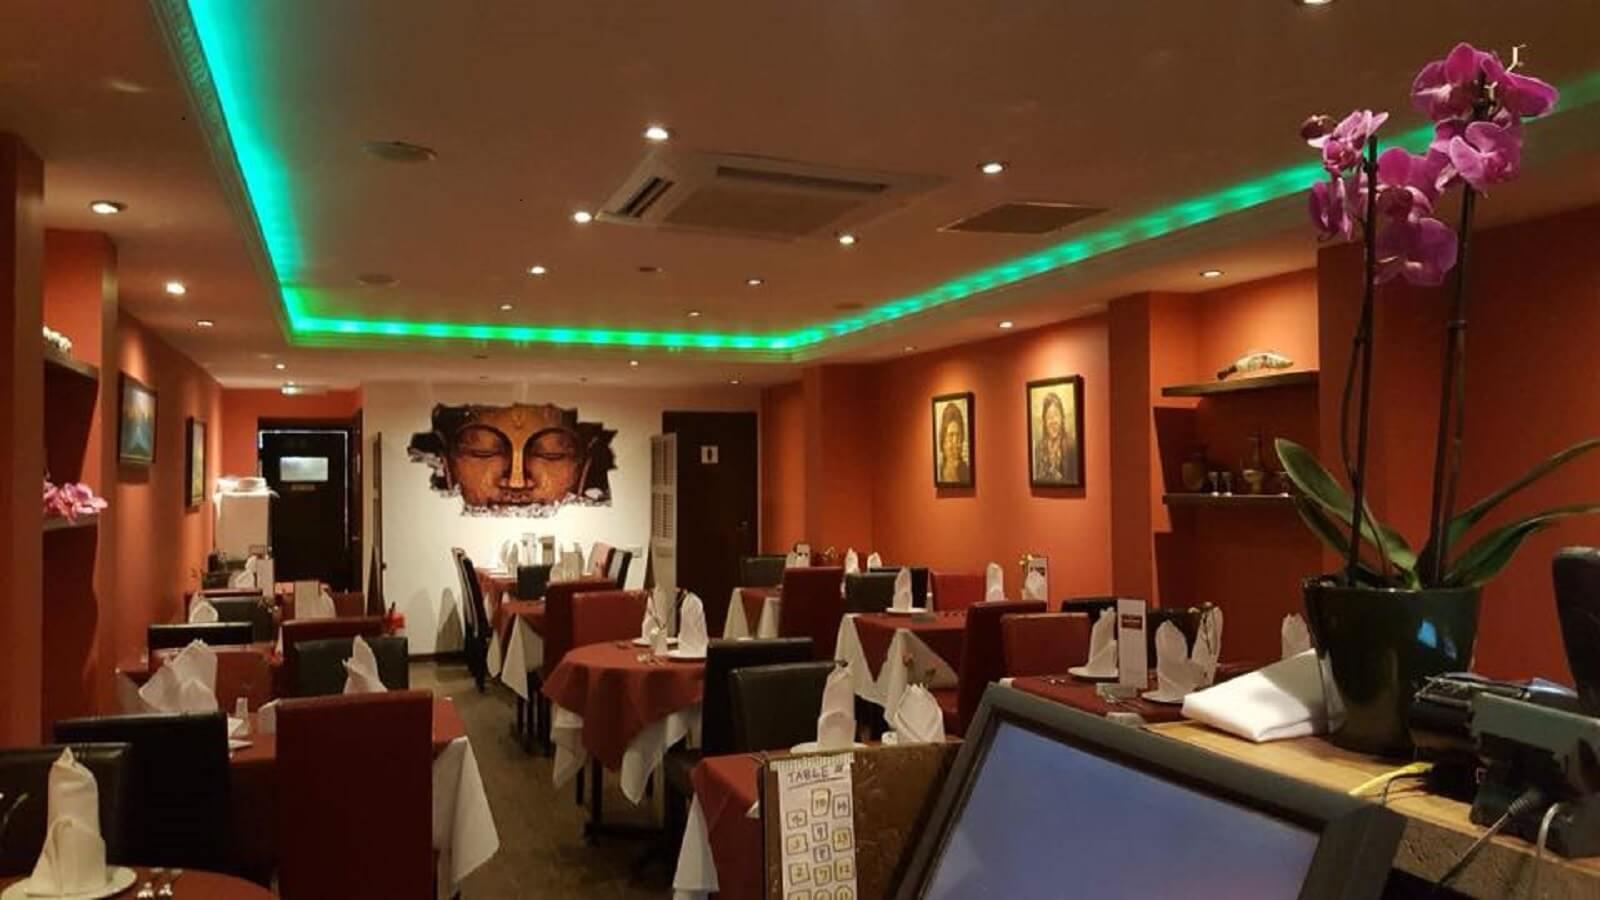 The Gurkha Square Restaurant